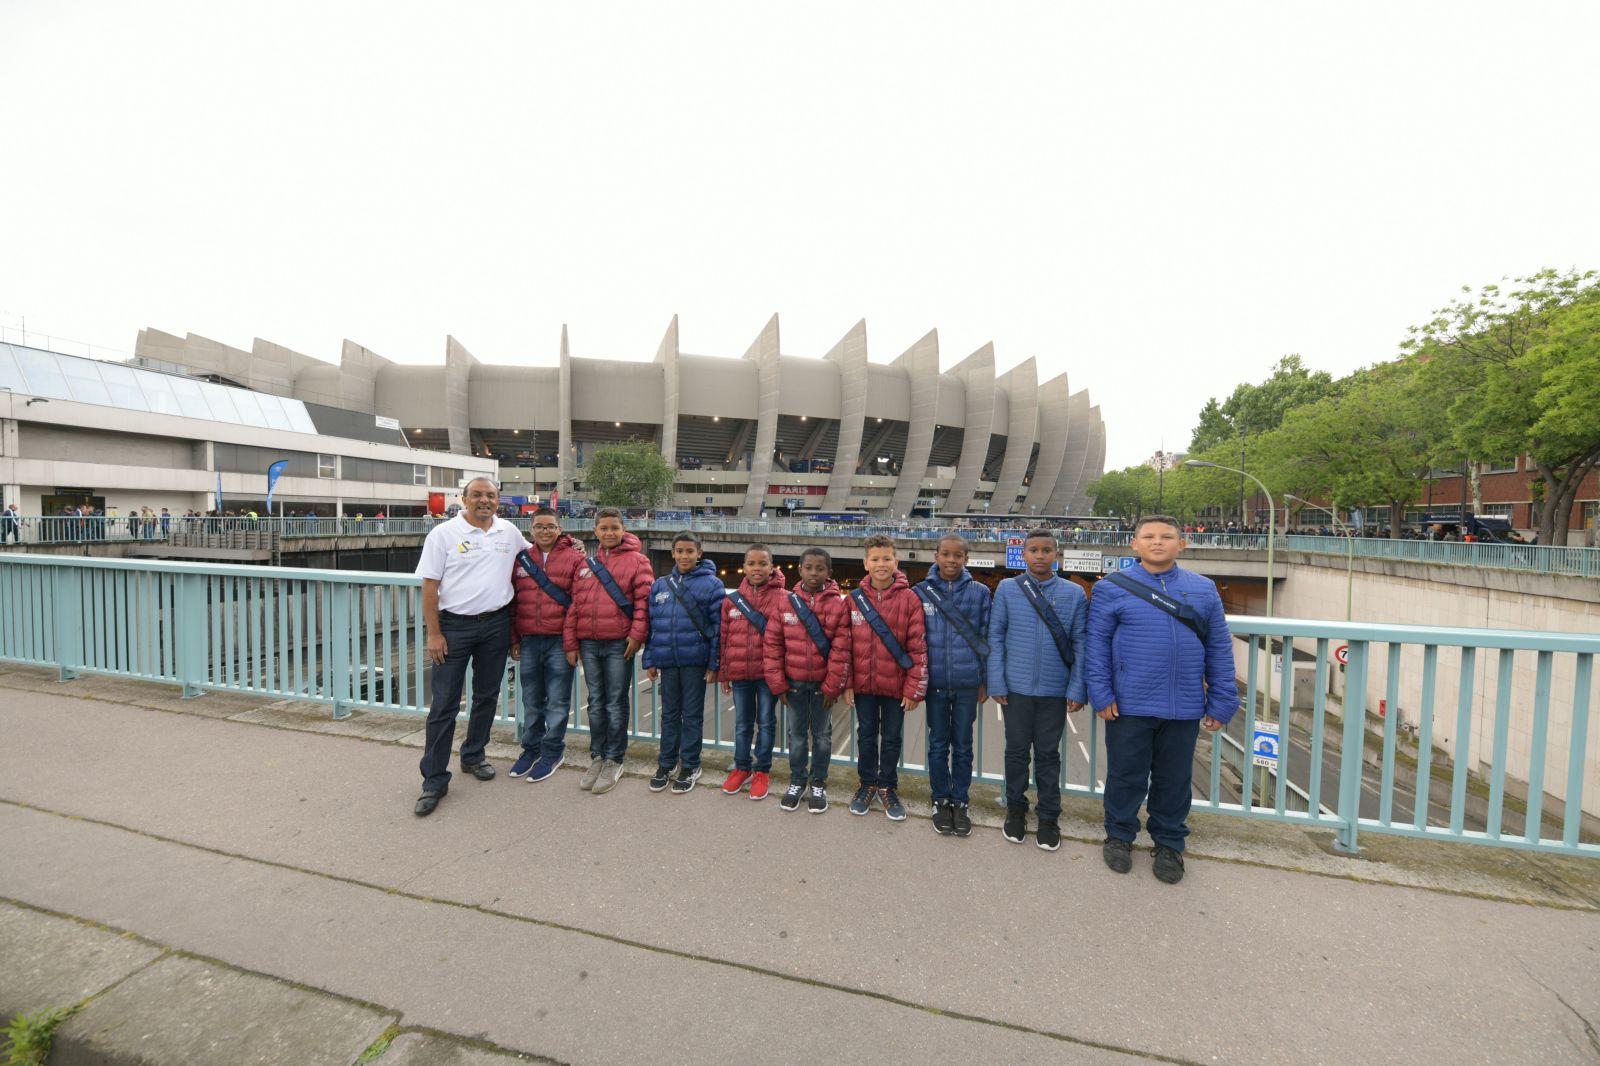 """<center>Jour 8 : """"S'envoler vers le Rêve  ..."""" <br>Les enfants de 1000 Sourires ont fait la fête   au Parc des Princes pour le sacre du PSG"""